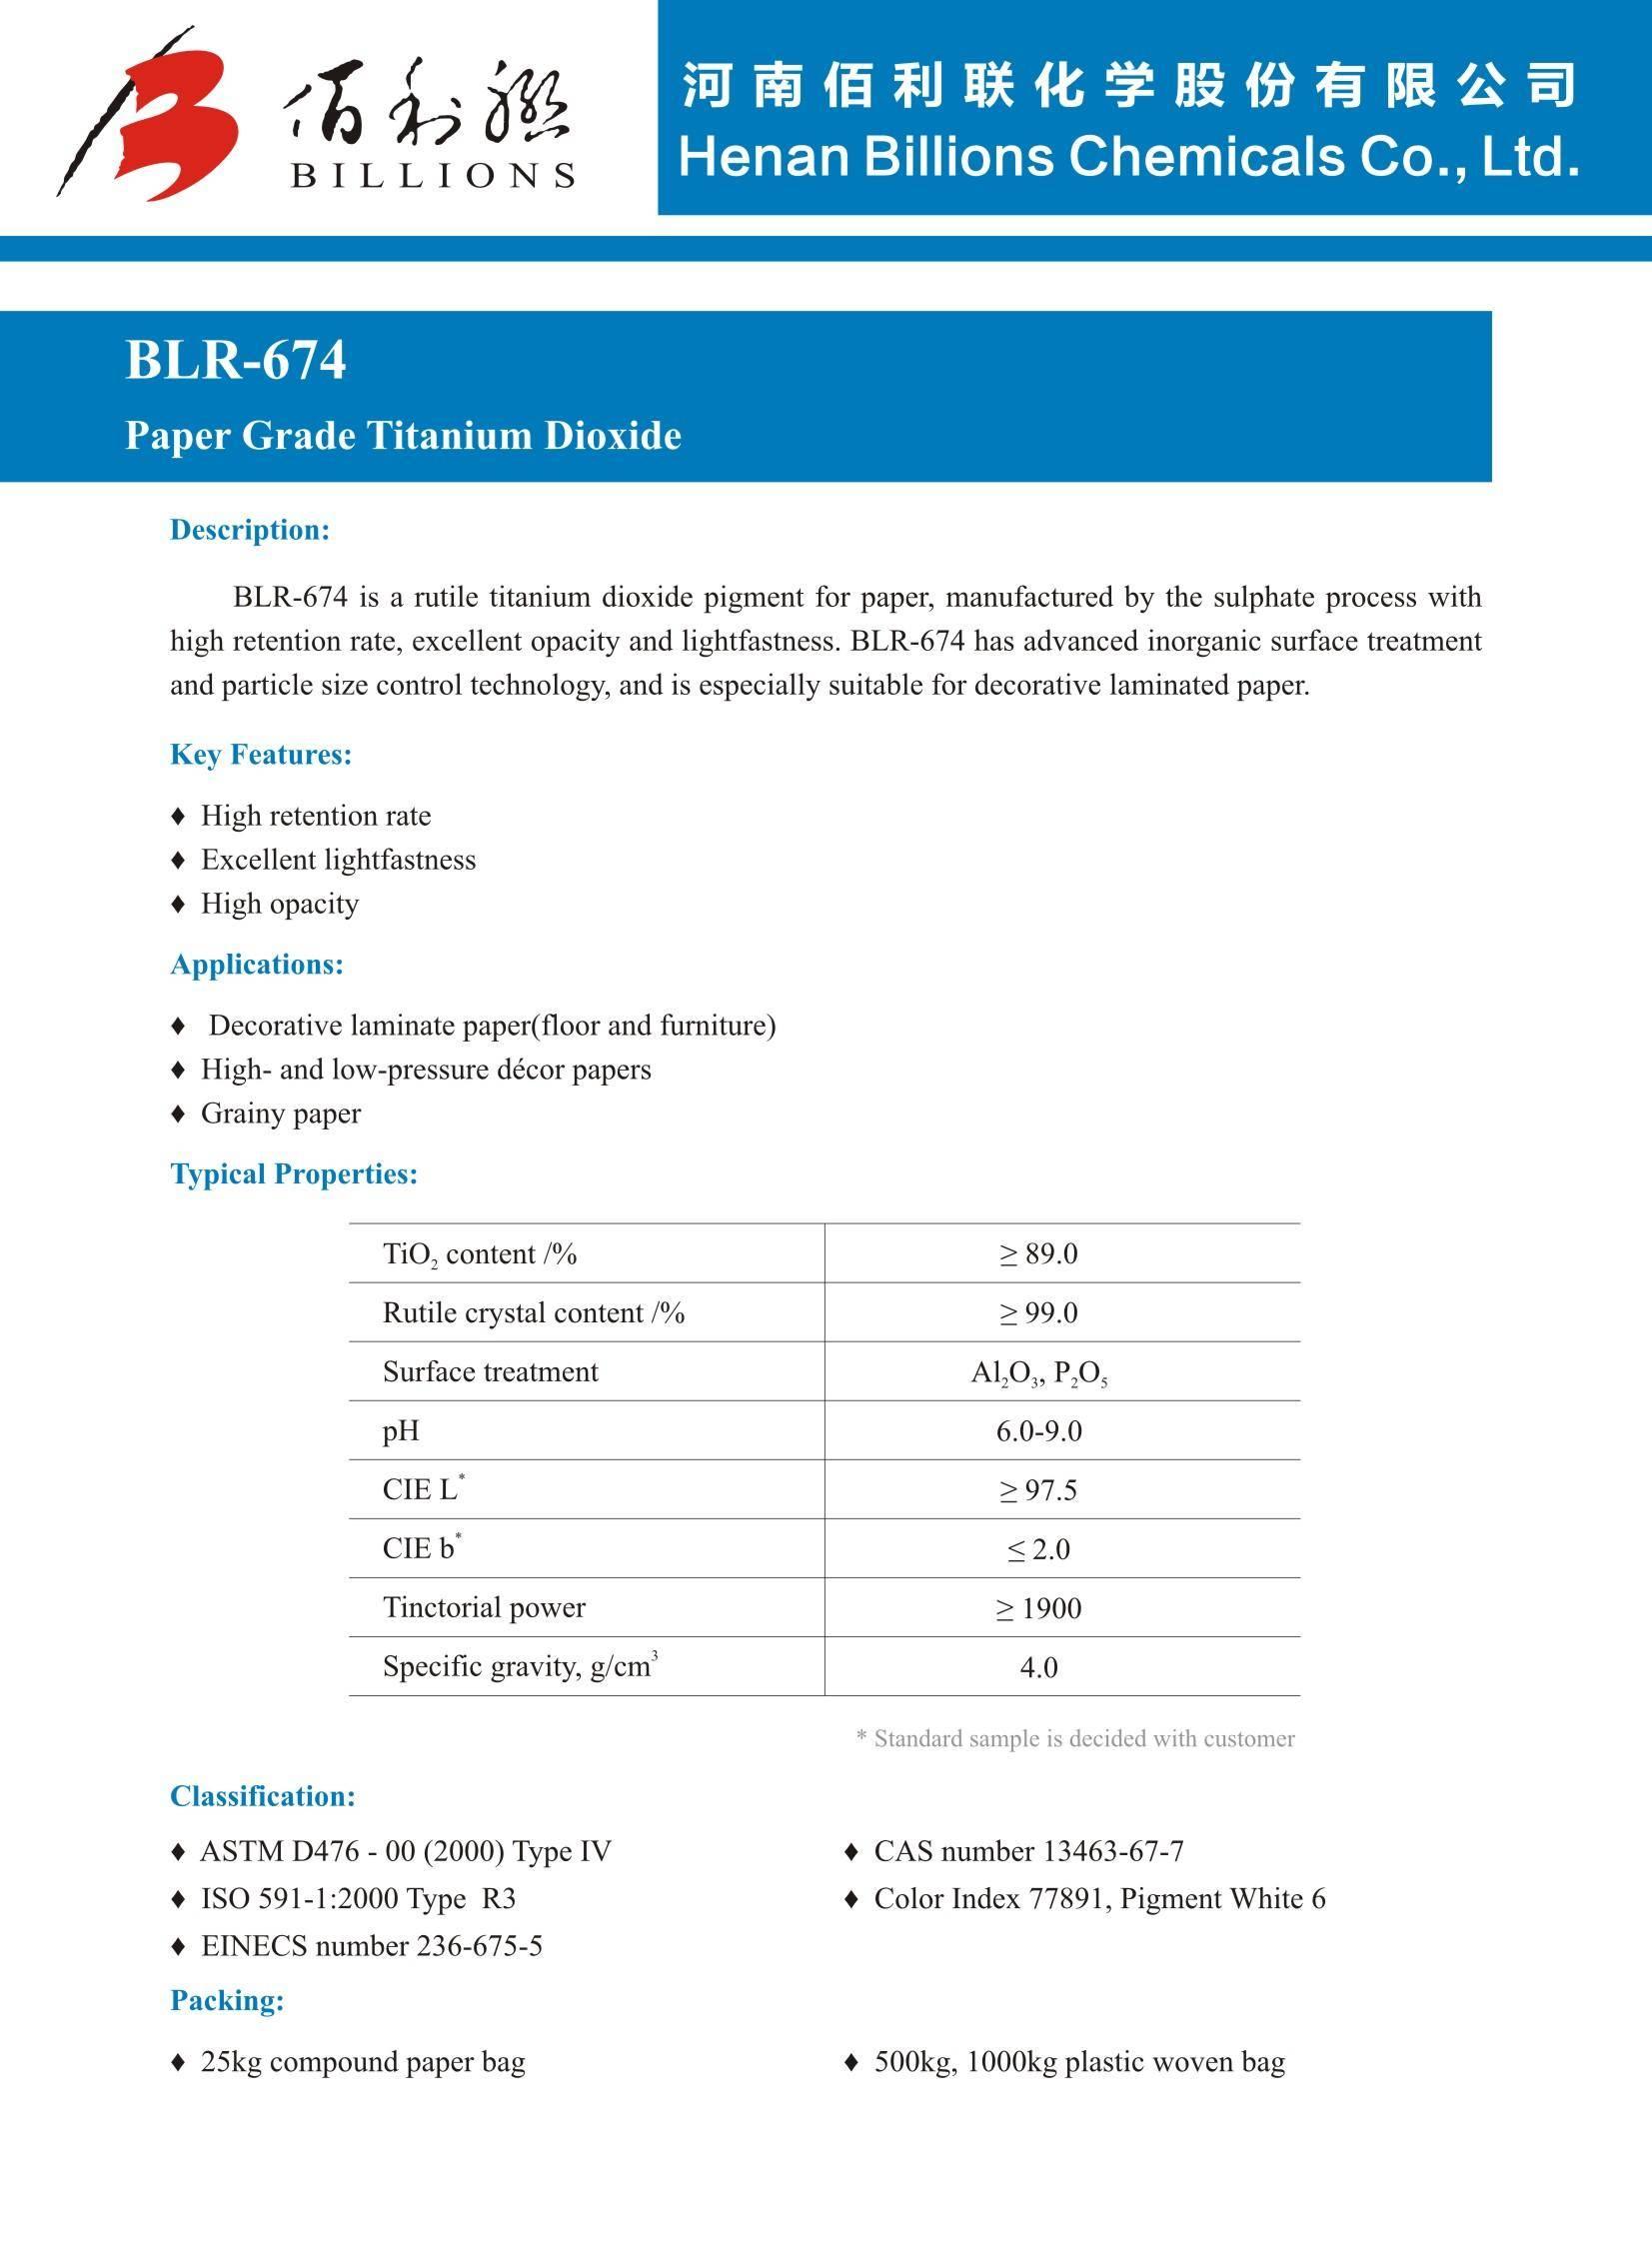 Titanium Dioxide BLR-674